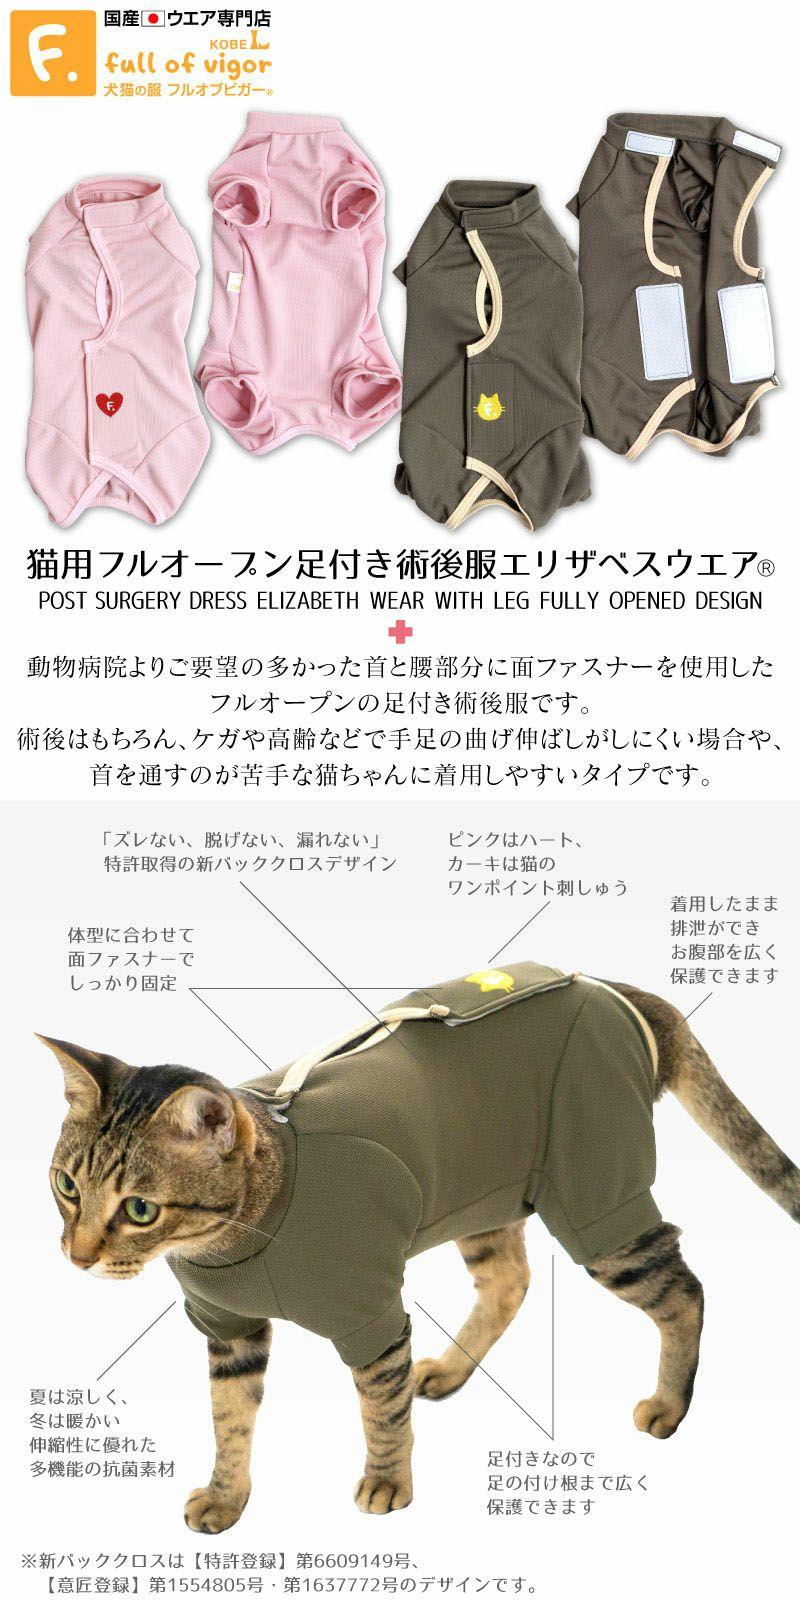 腫れ 猫 避妊手術 猫の避妊手術後の傷口の腫れや服の話【前日~抜糸の記録】